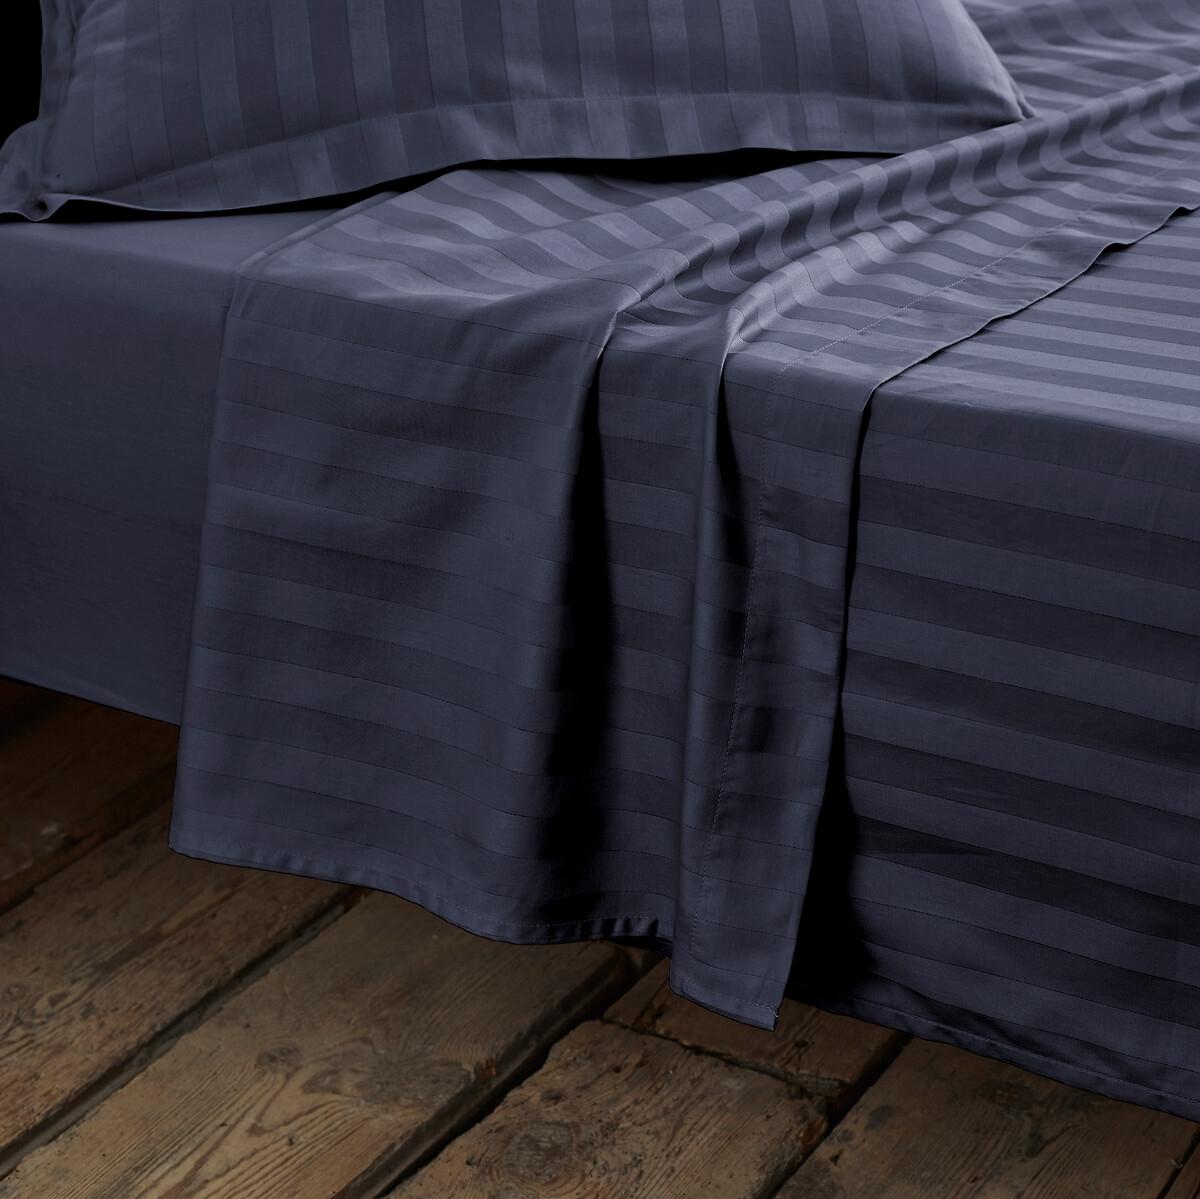 Простыня LaRedoute Из хлопкового сатина в полоску 180 x 290 см синий пододеяльник laredoute из 100 хлопкового сатина в полоску 240 x 220 см зеленый